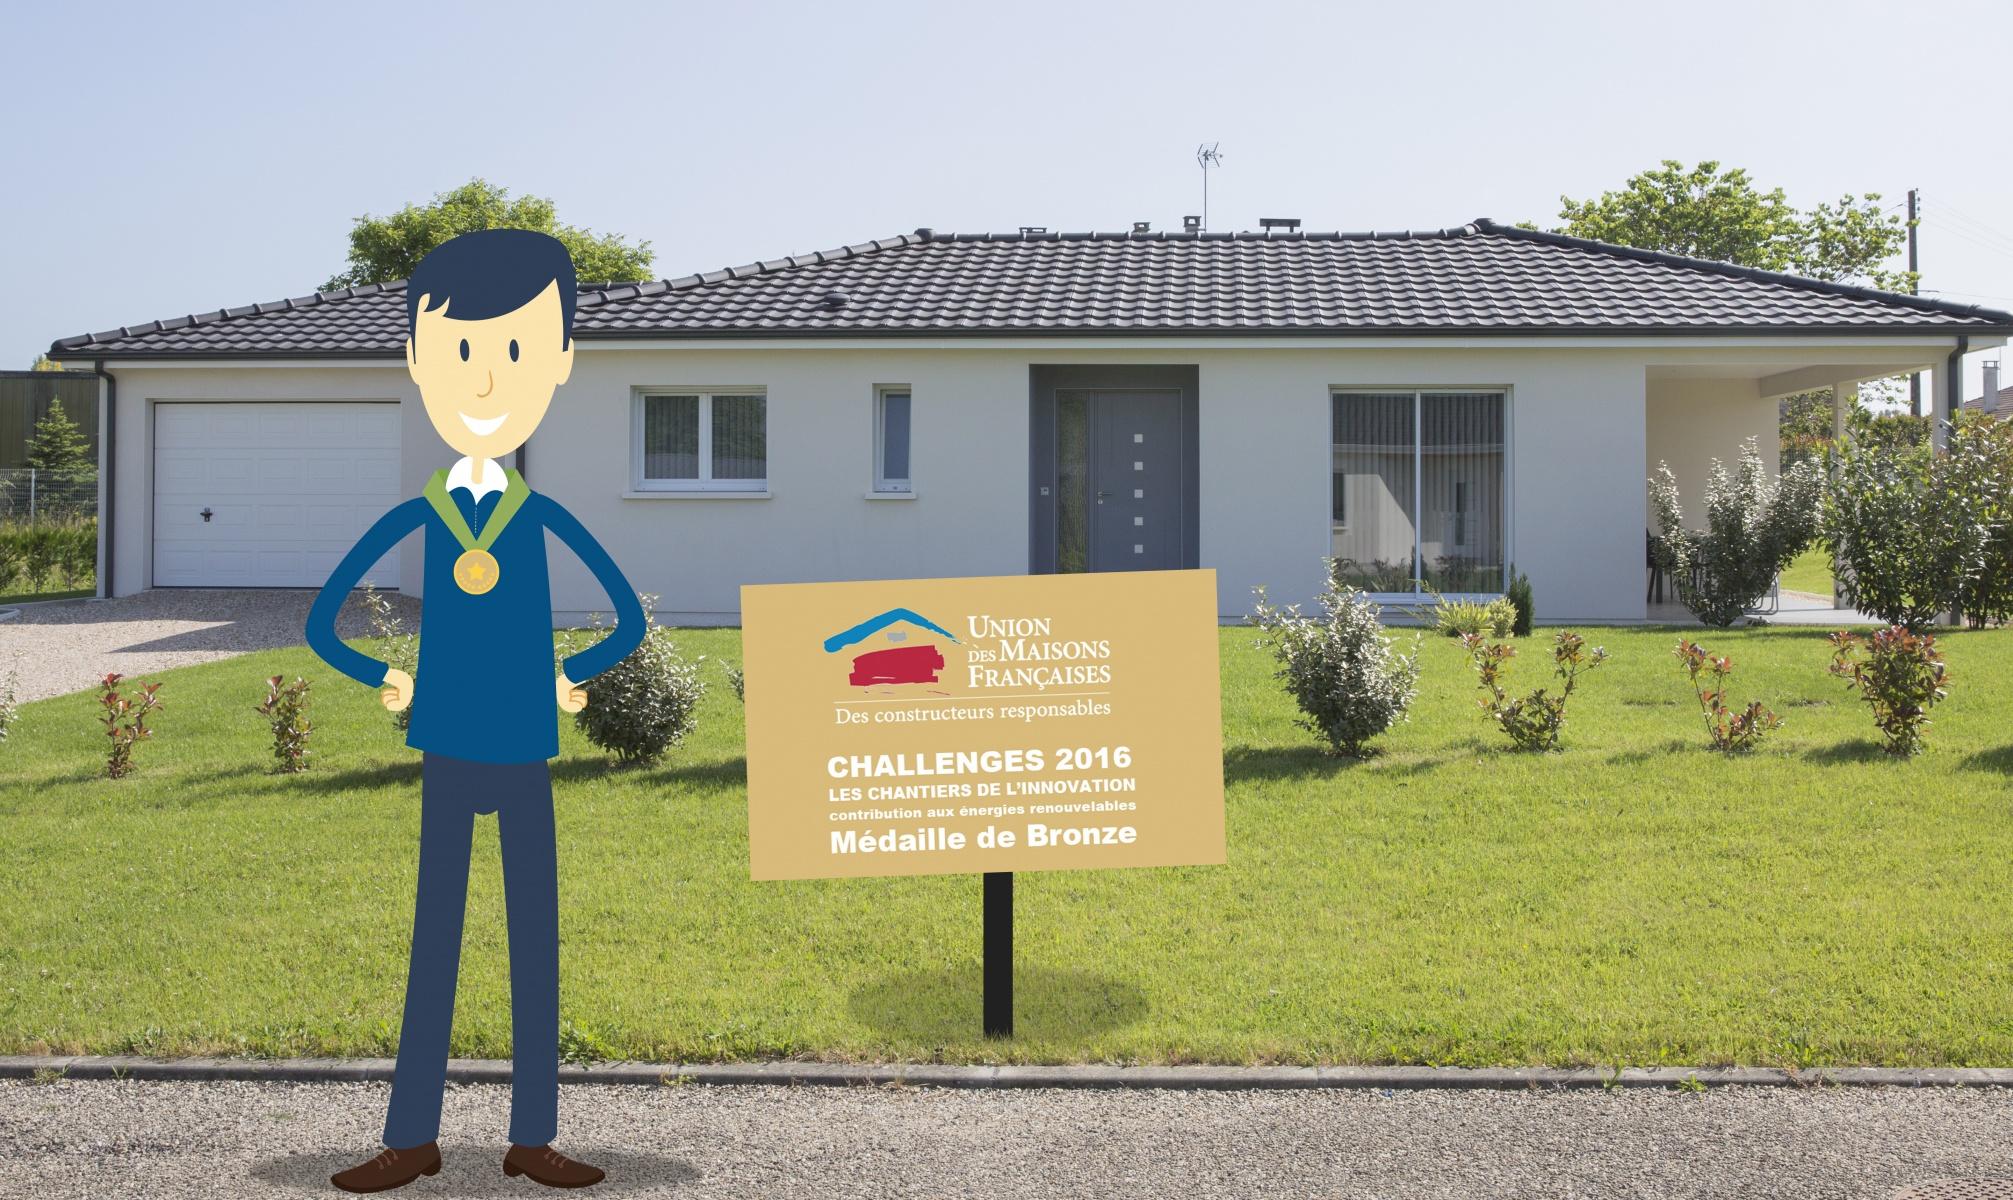 maisons aura m 233 daille de bronze au challenge de l union des maisons fran 231 aises 2016 les